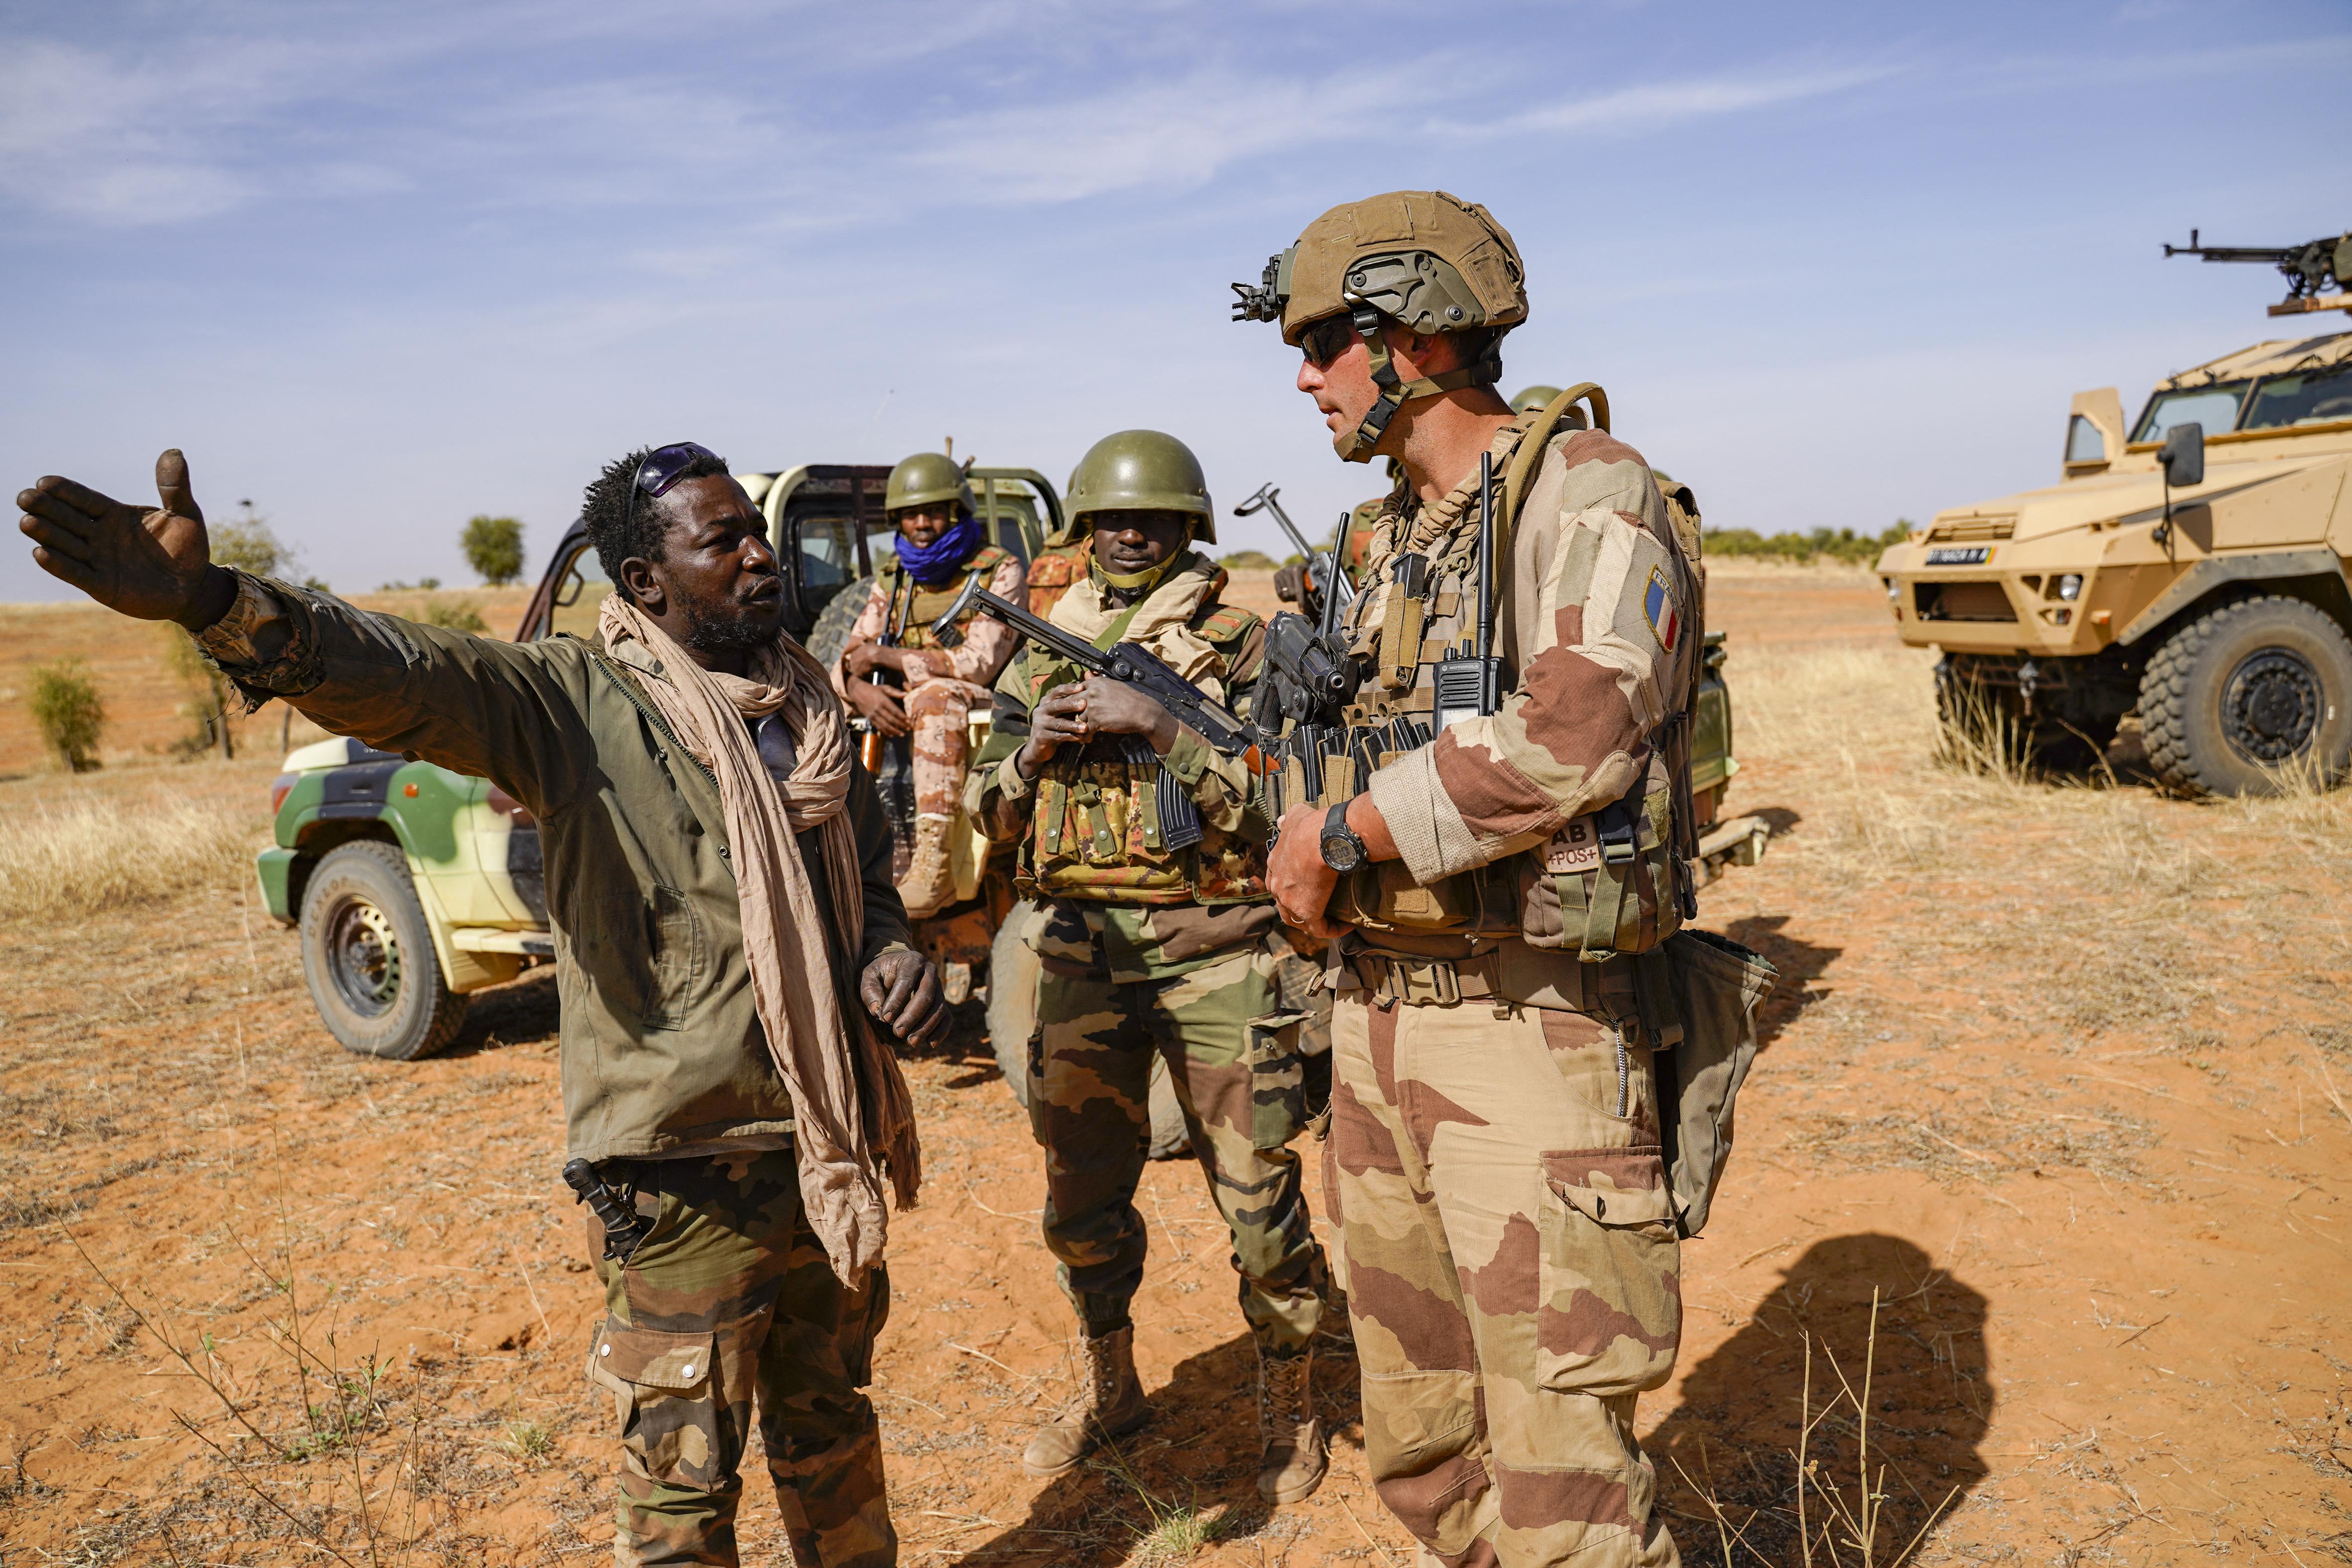 Franciaország kivonul Maliból, ha a katonai kormány tényleg orosz zsoldosokat fogad fel